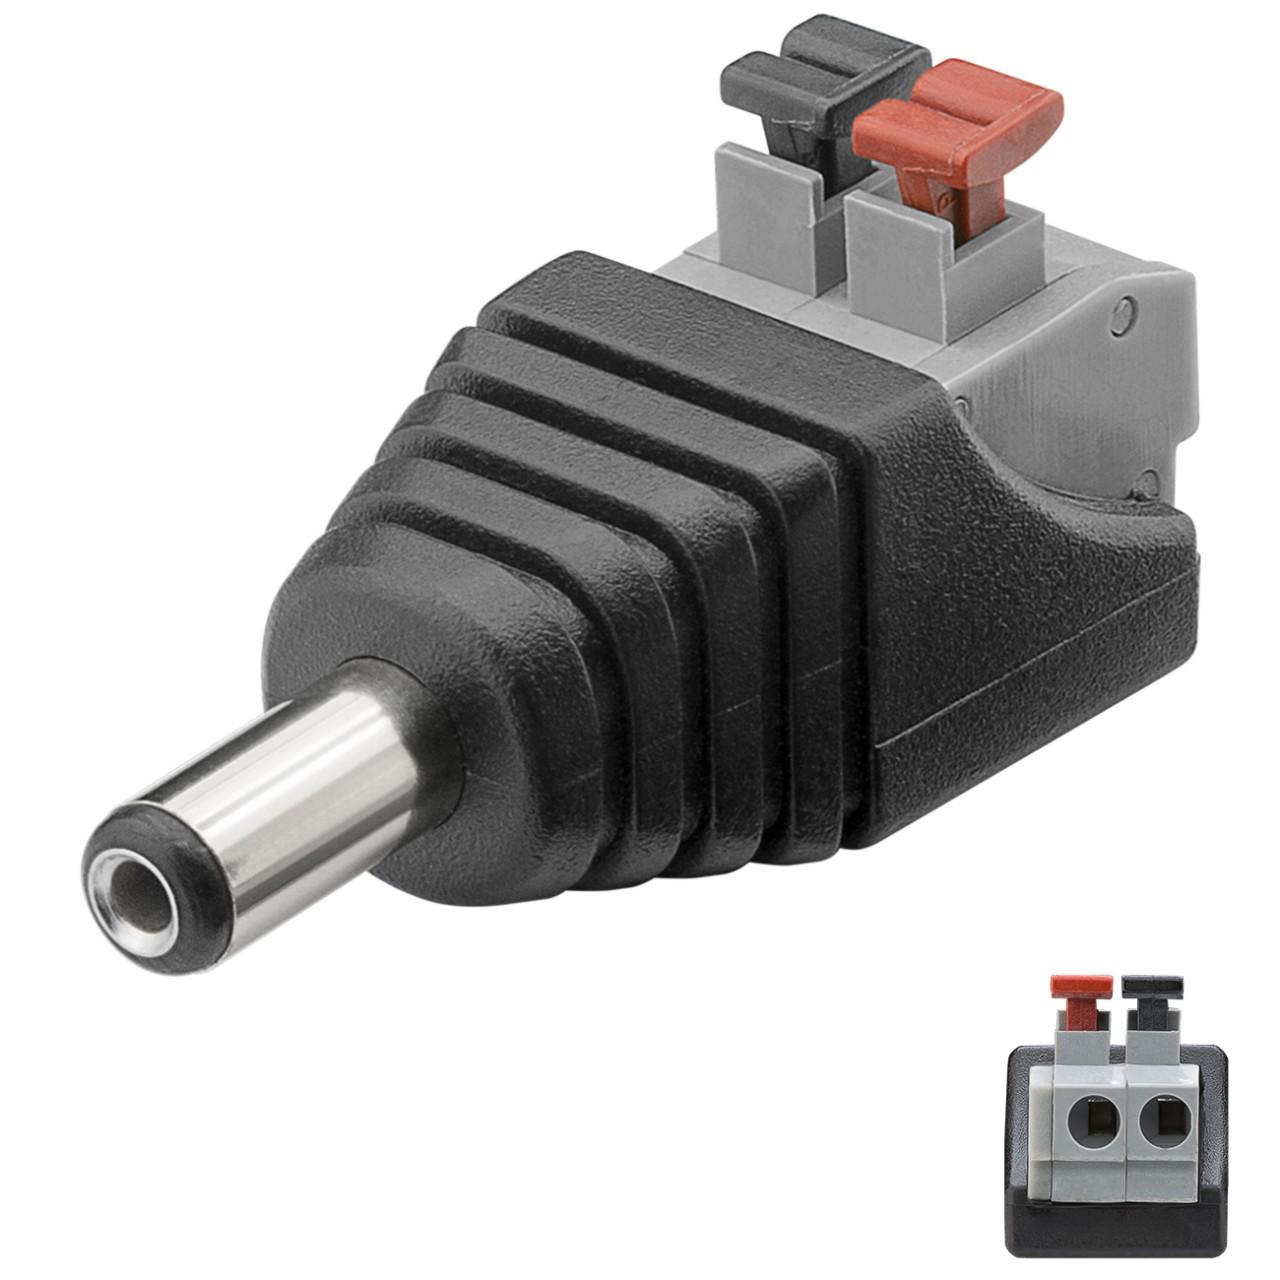 DC-Stecker für Stromanschluss, Niedervoltbuchse, Klemmanschluss